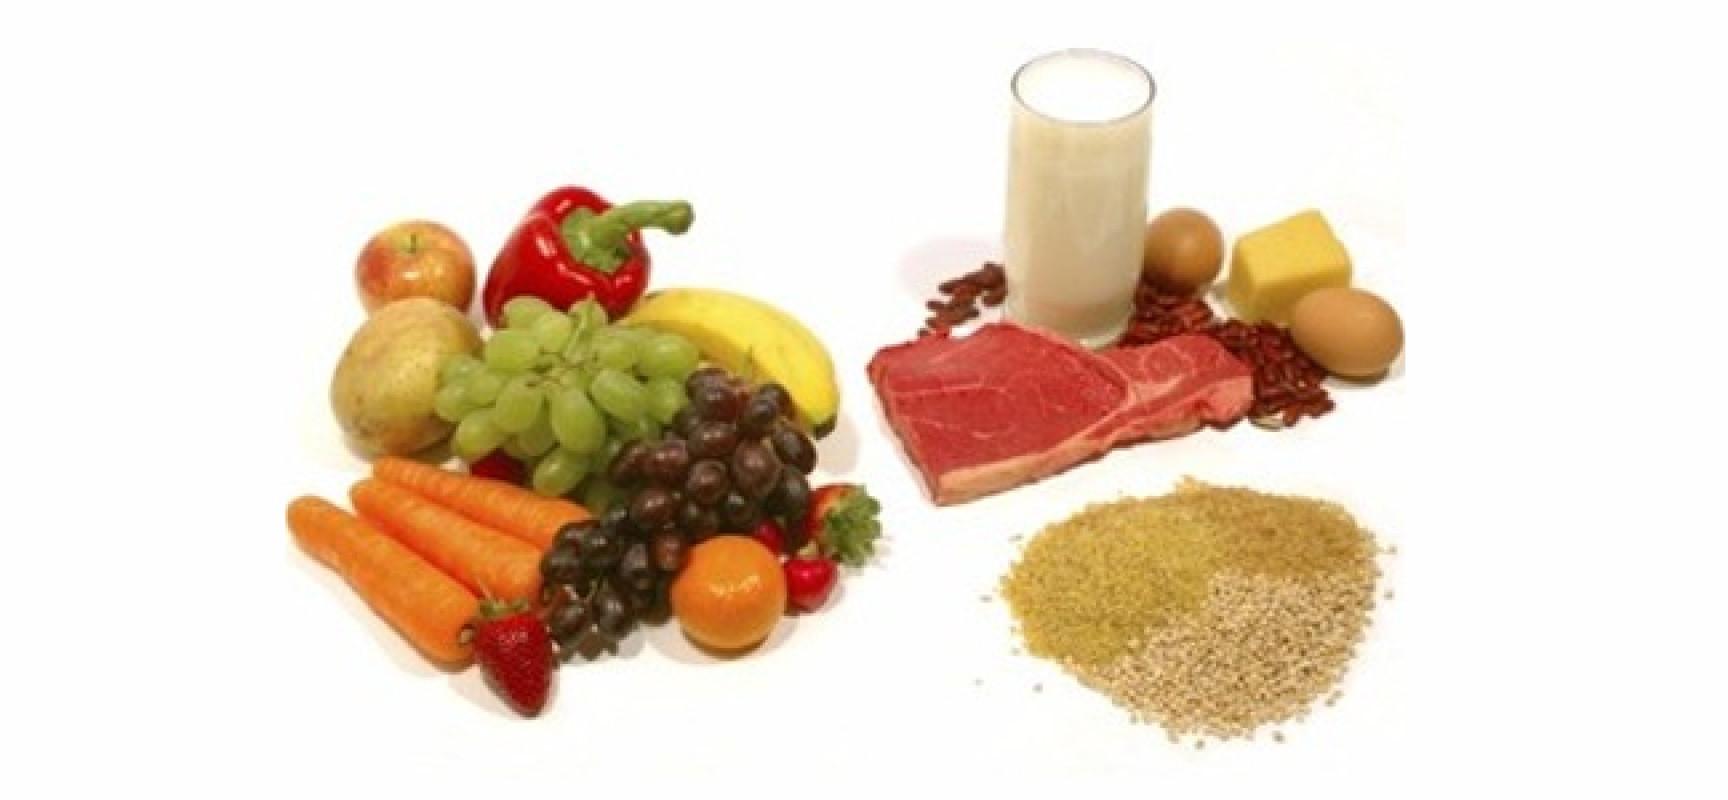 Как правильно питаться после инфаркта